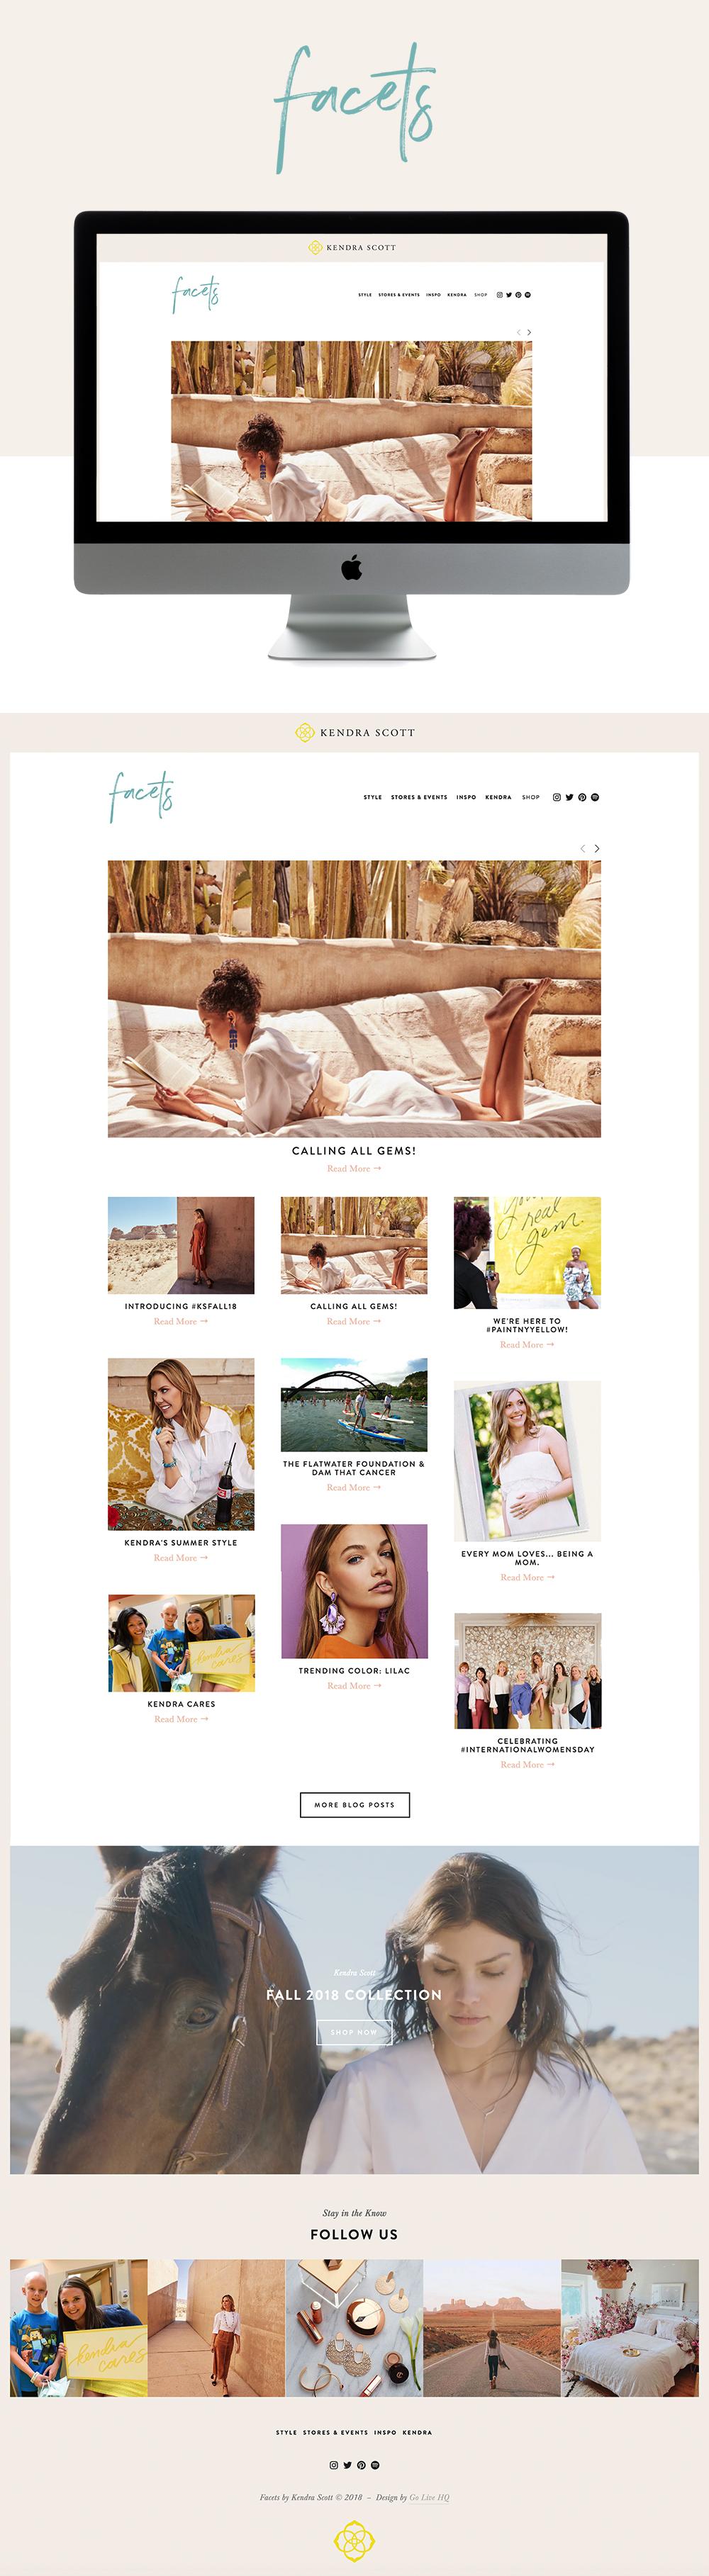 Inspirational and Polished Website Design for Kendra Scott Blog | Design by Go Live HQ